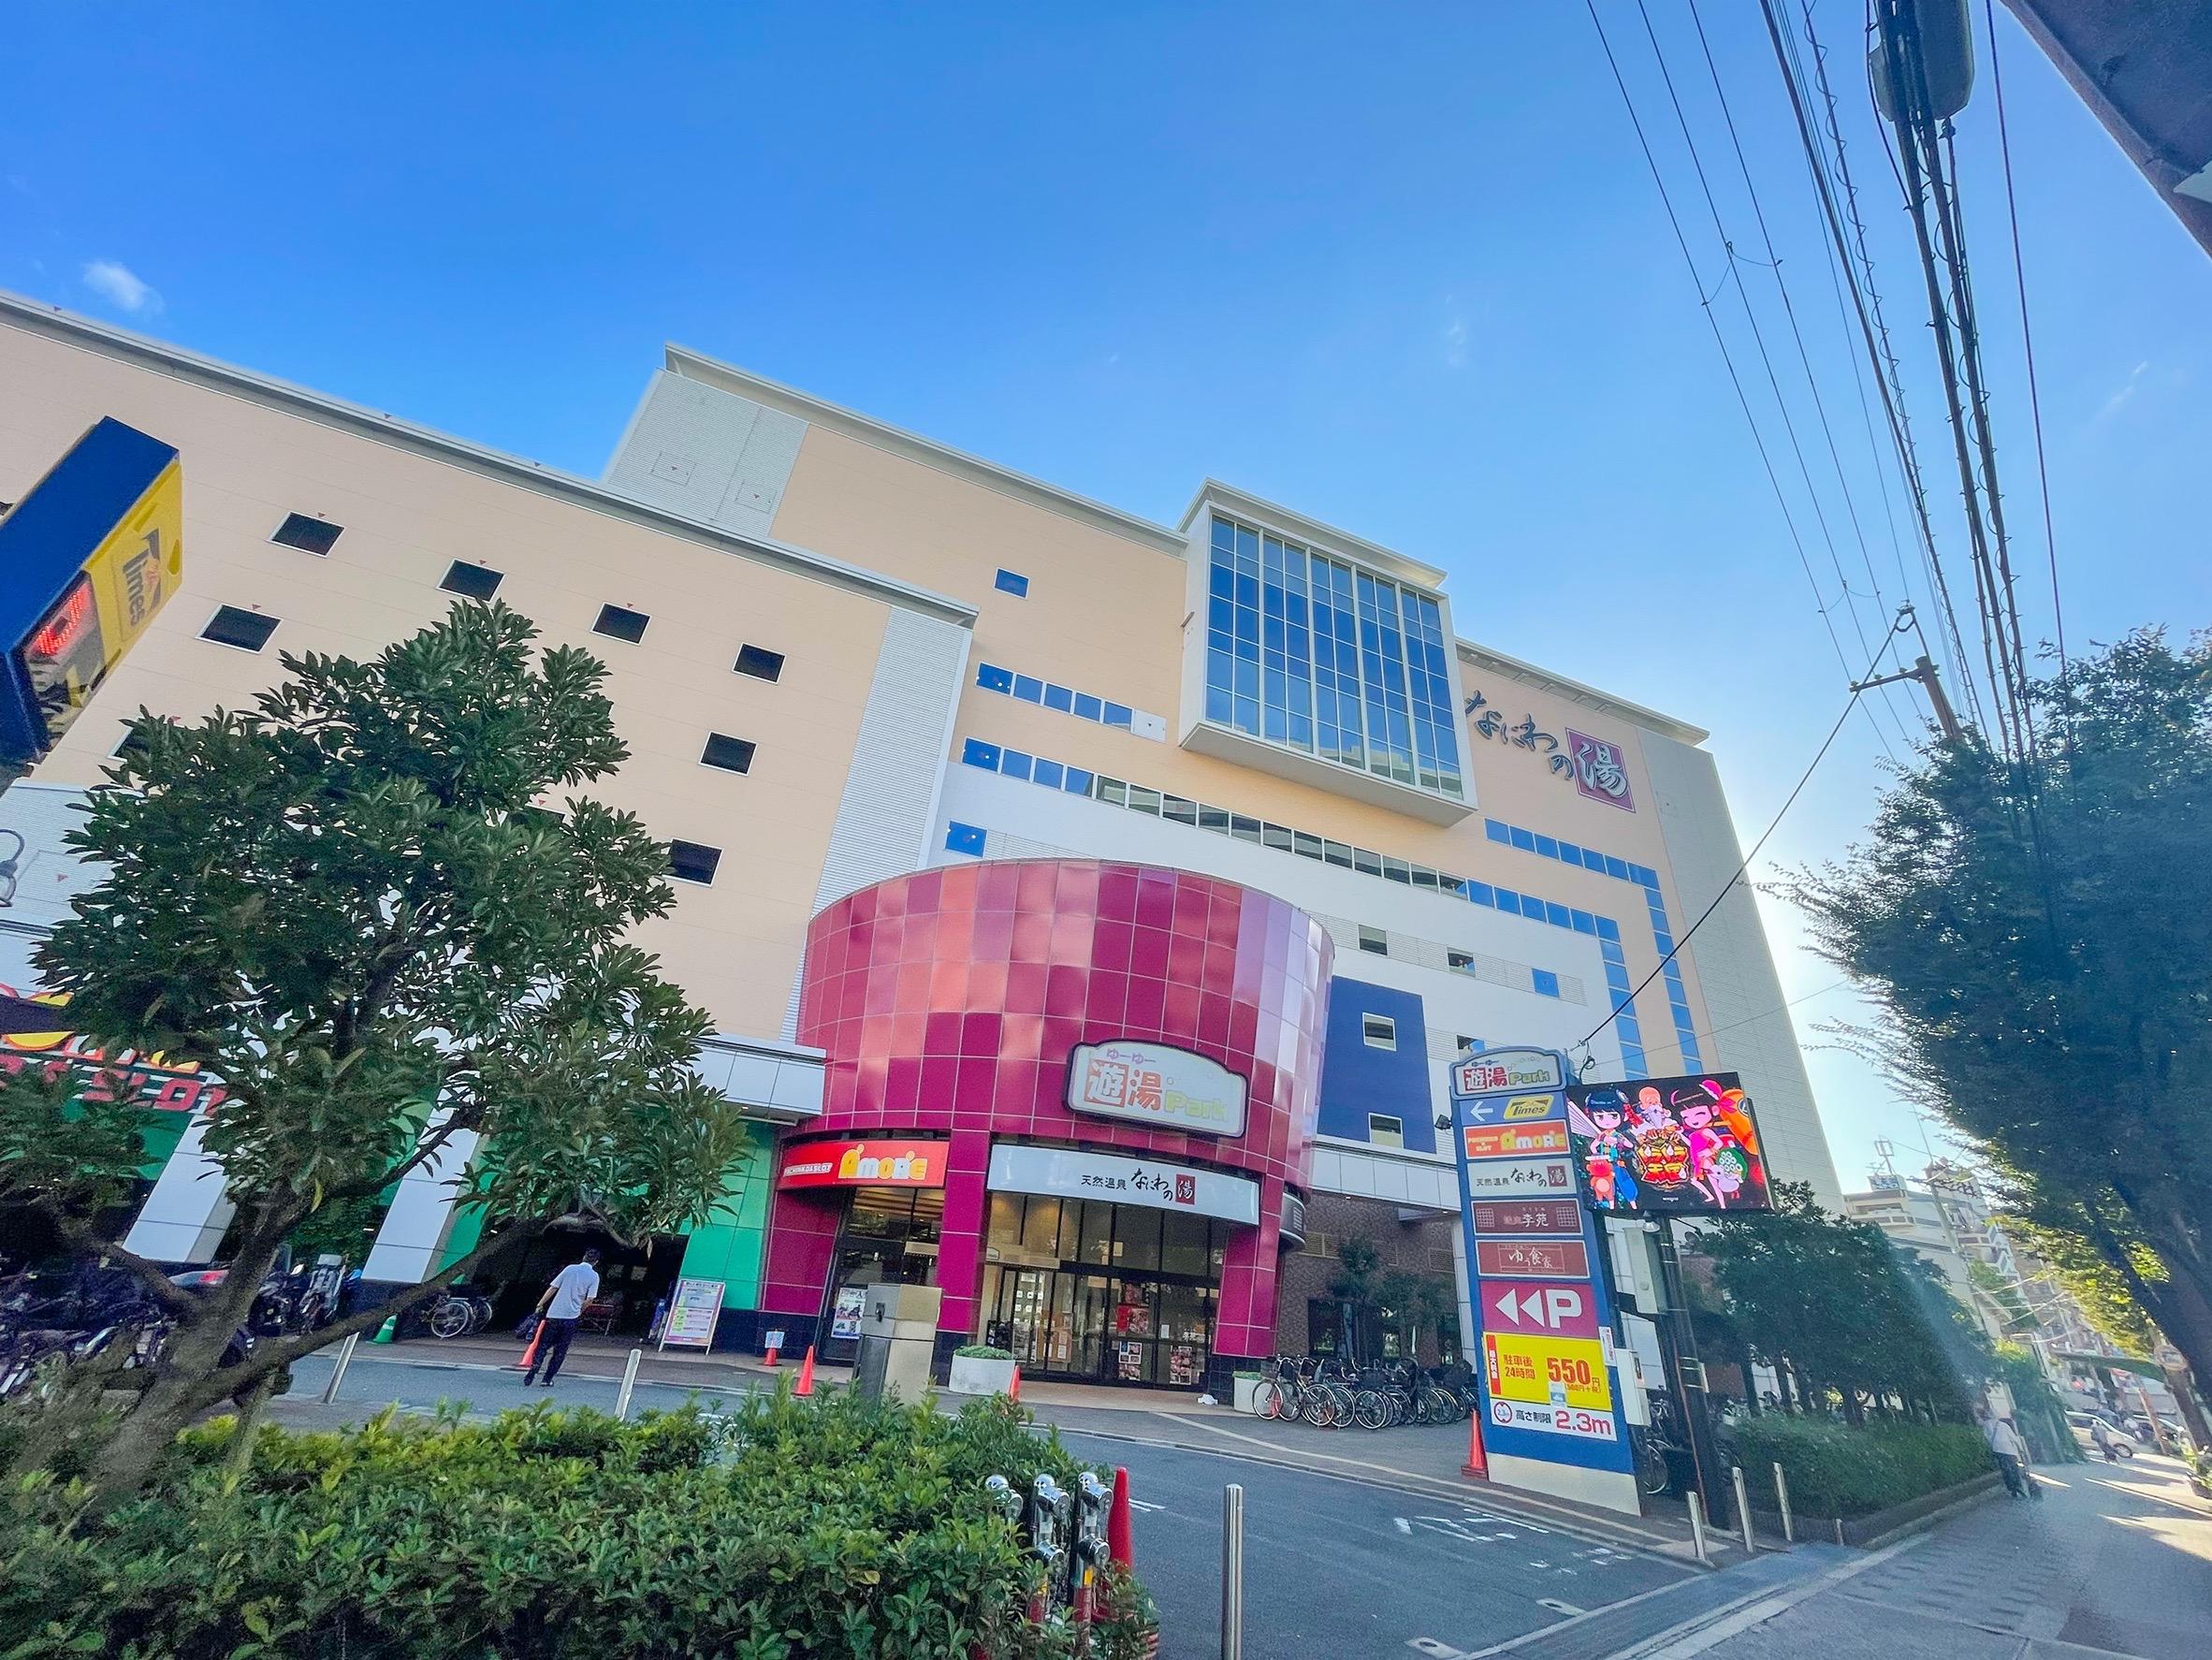 天然温泉「なにわ湯」自転車8分 宅都プロパティ大阪学生向けマンション総合サイト studentroom